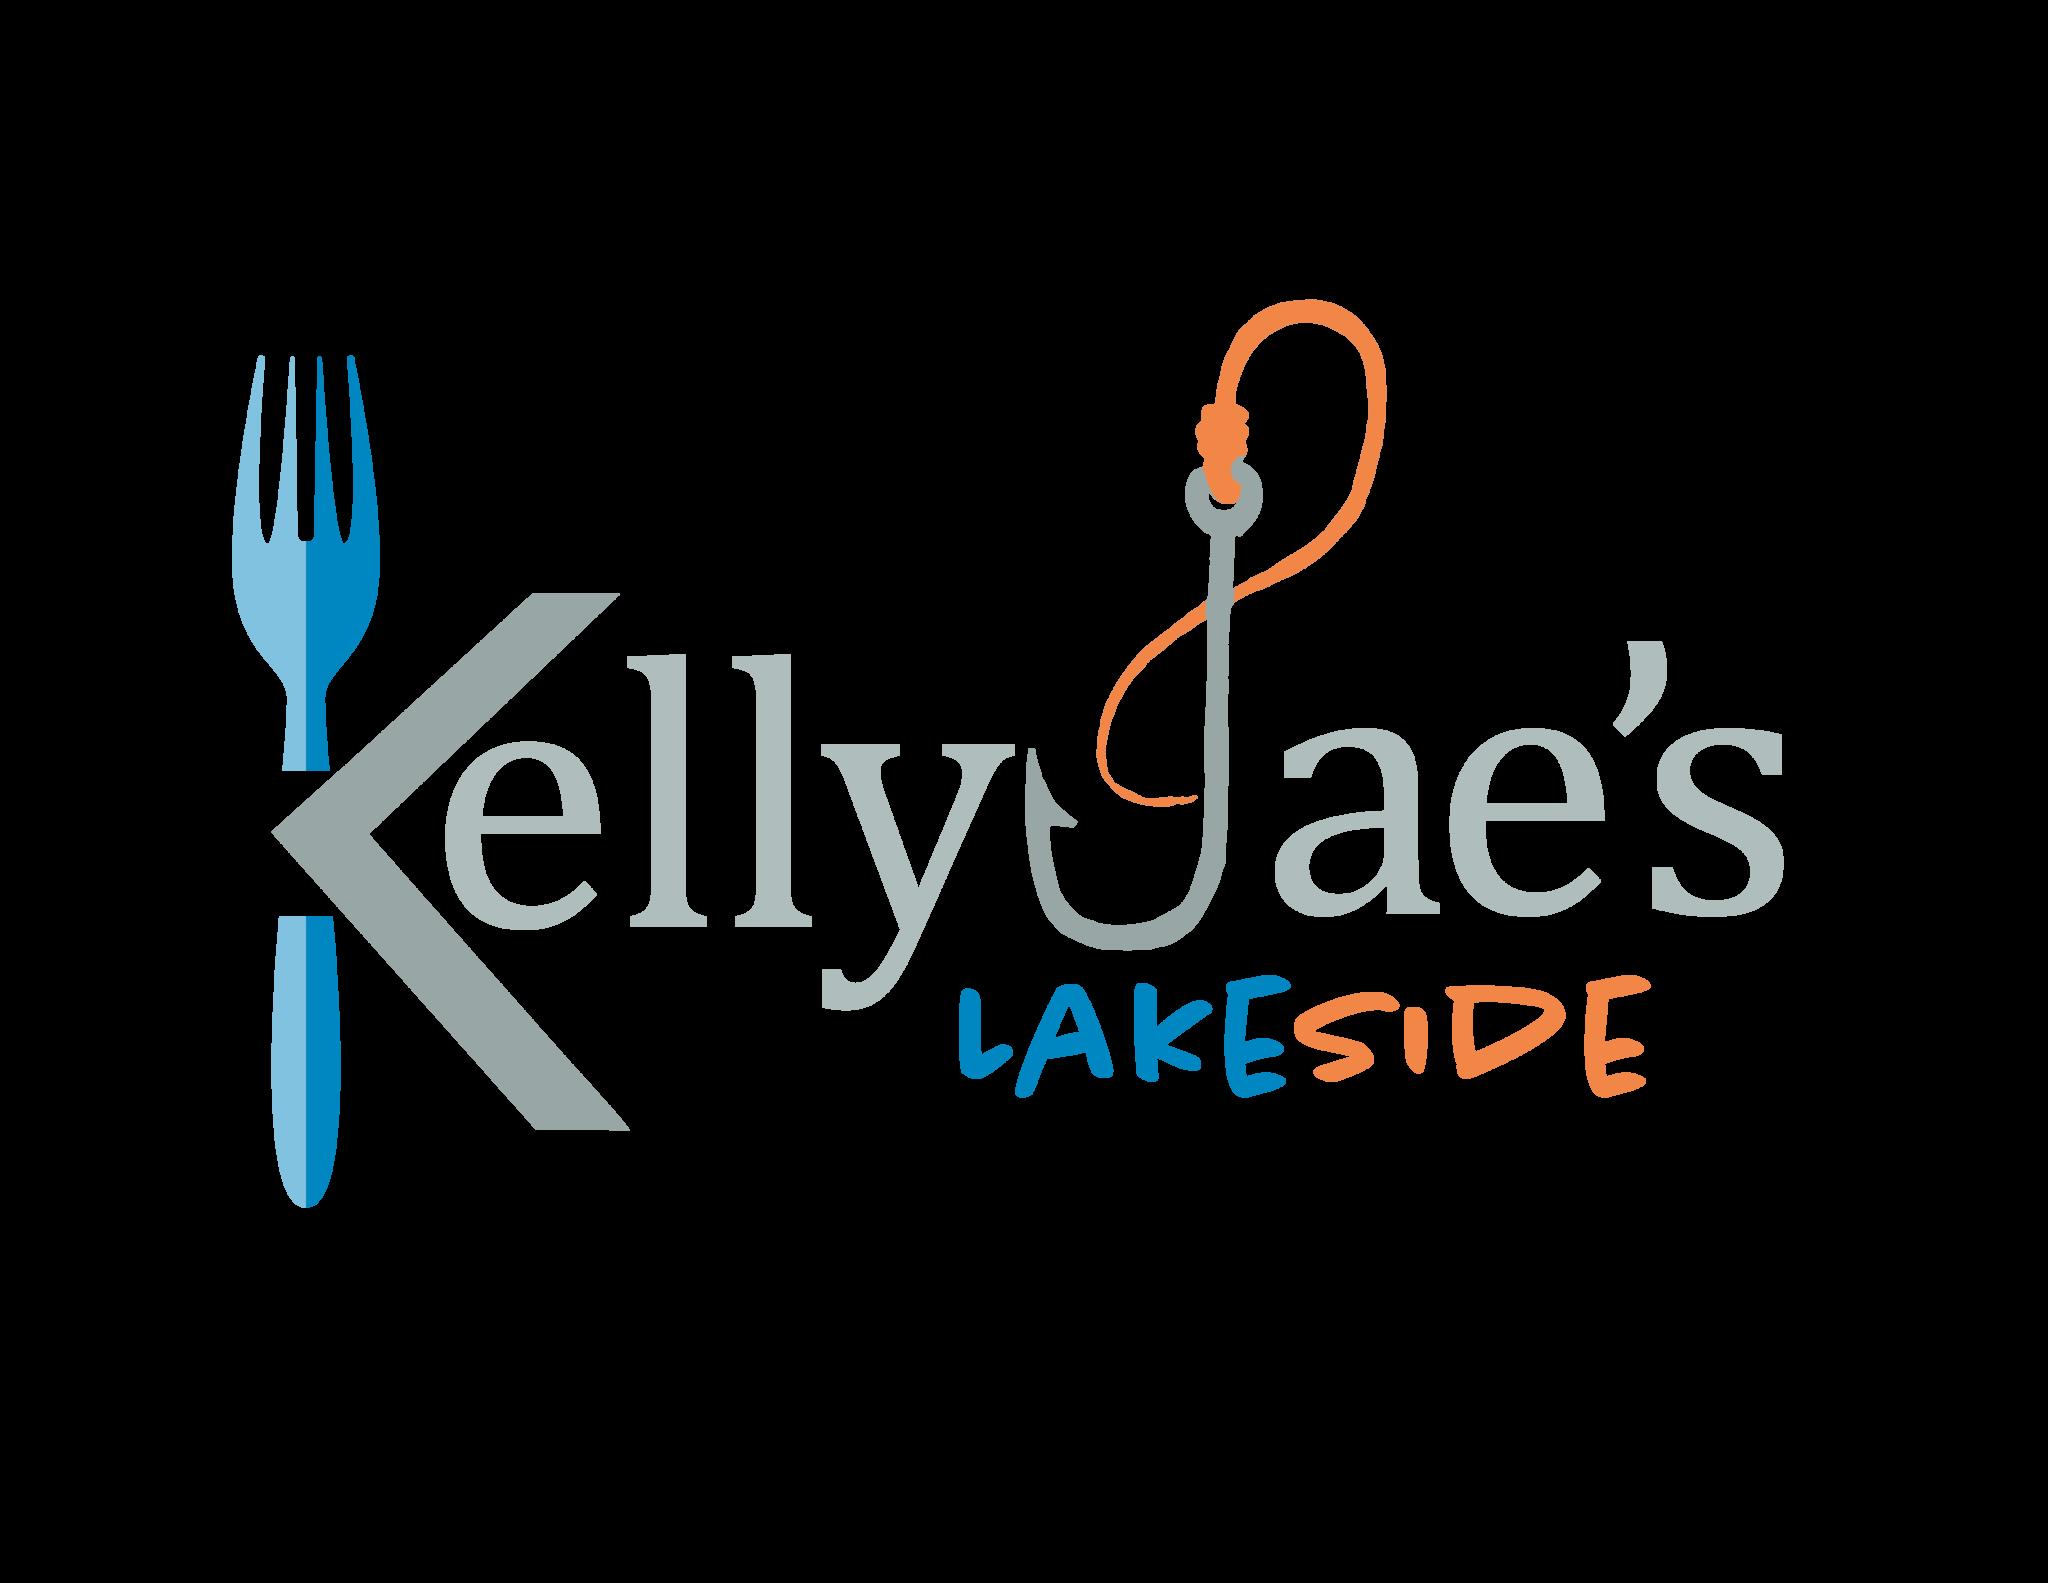 Kelly Jae's Lakeside